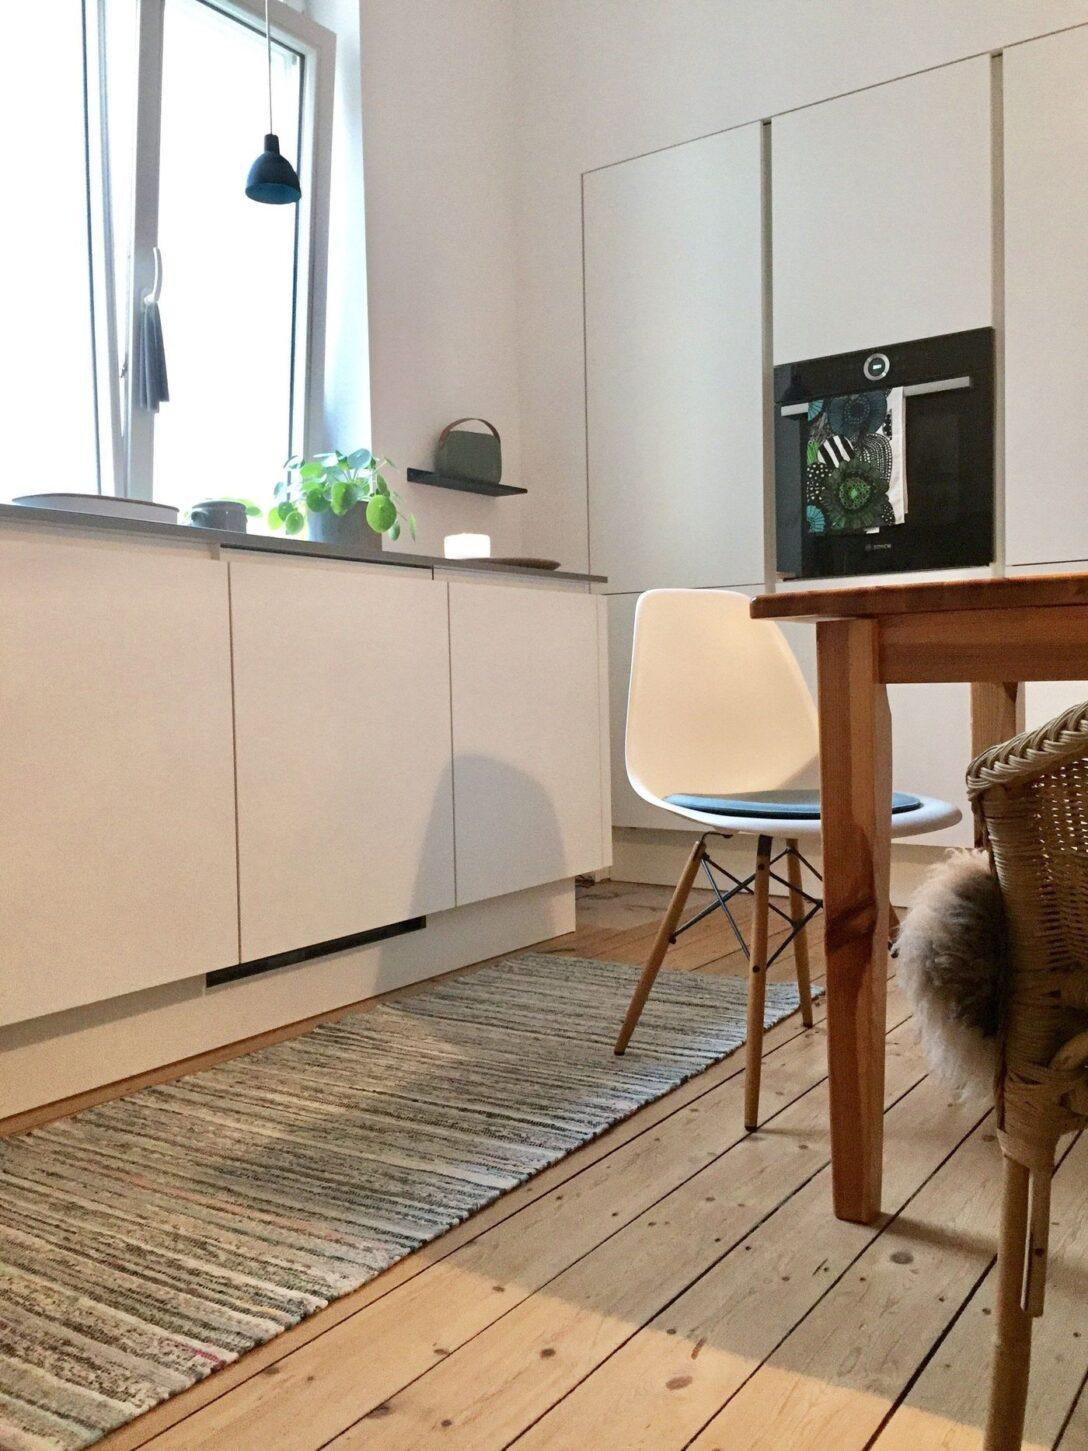 Large Size of Teppich Küche Ikea Schnsten Ideen Fr Teppiche Von Spritzschutz Plexiglas Kurzzeitmesser Vollholzküche U Form Kräutergarten Rustikal Salamander Wohnzimmer Teppich Küche Ikea